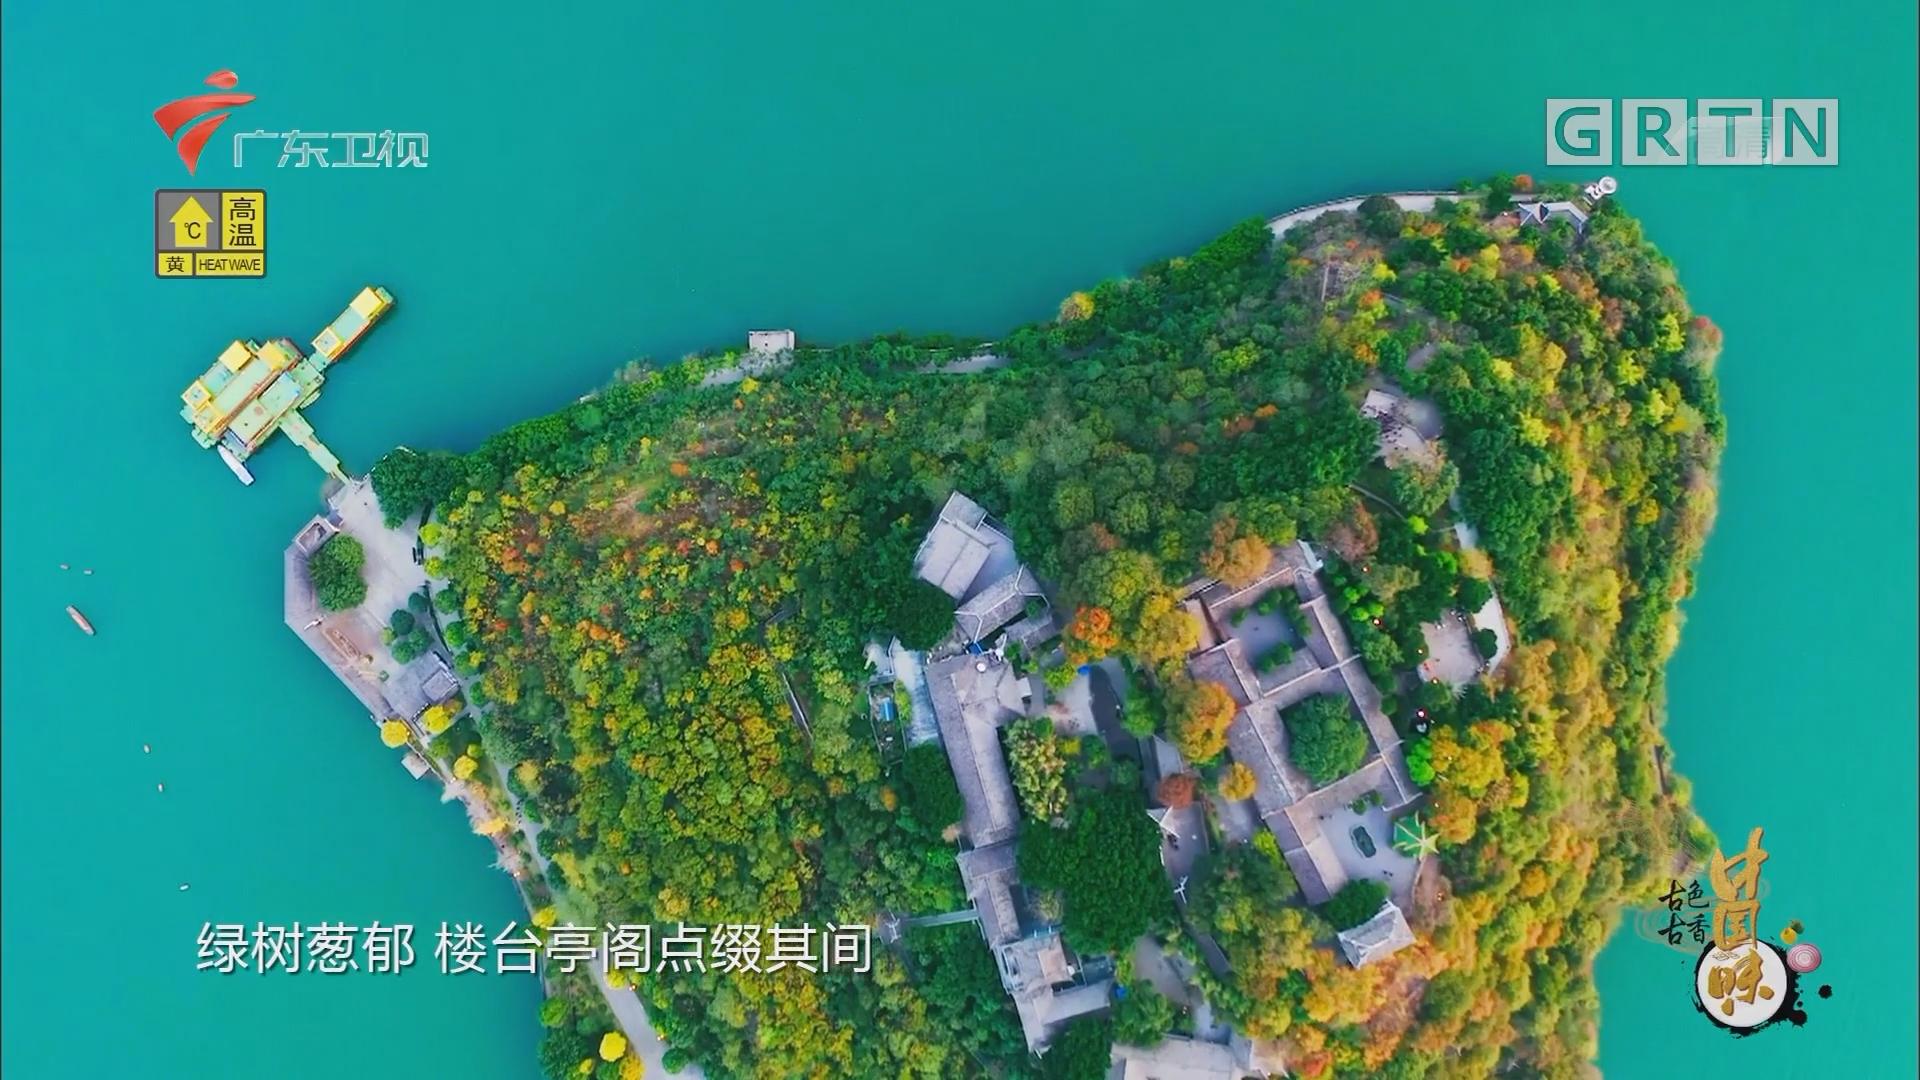 [HD][2019-06-29]古色古香中国味:重庆归来三峡 夔州古城